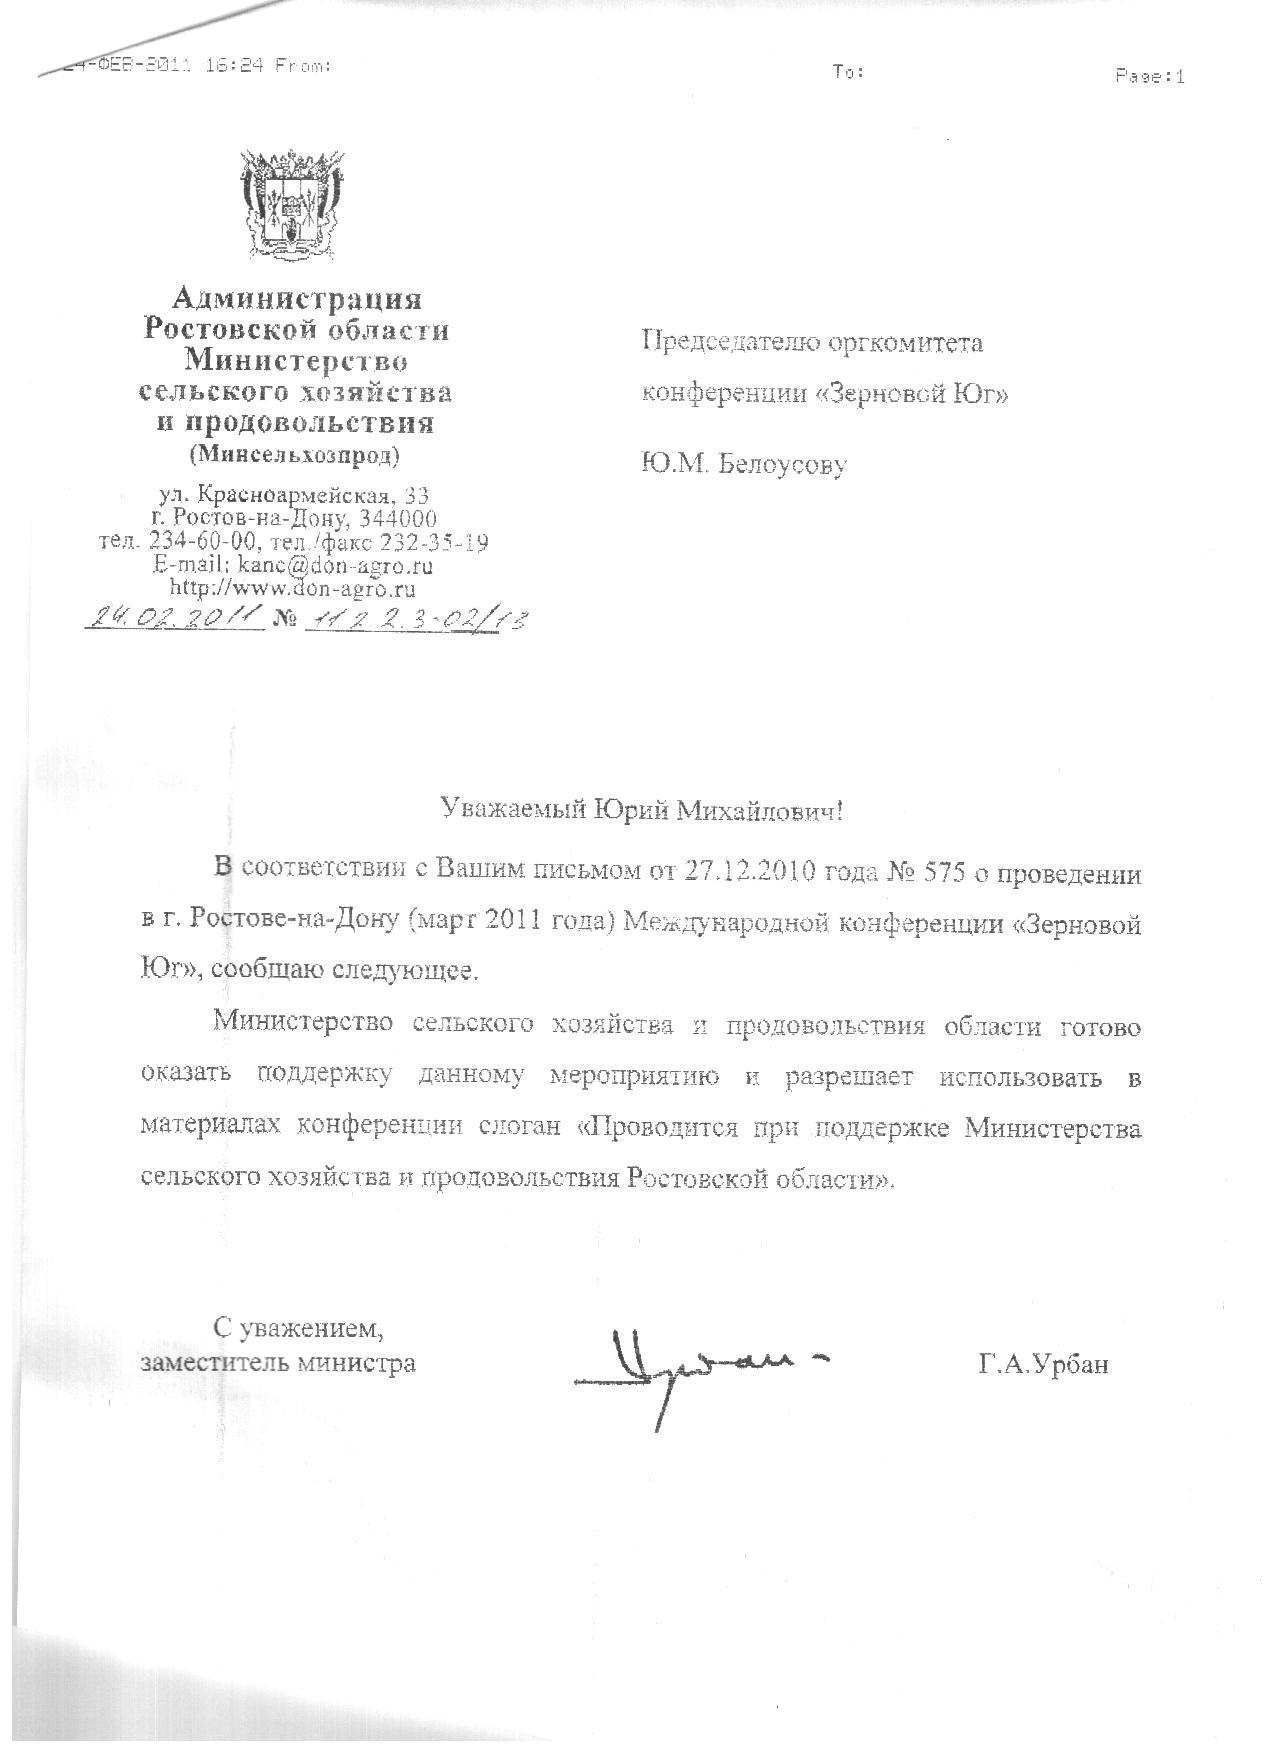 Письмо Администрации Ростовской области Министерства сельского хозяйства и продовольствия